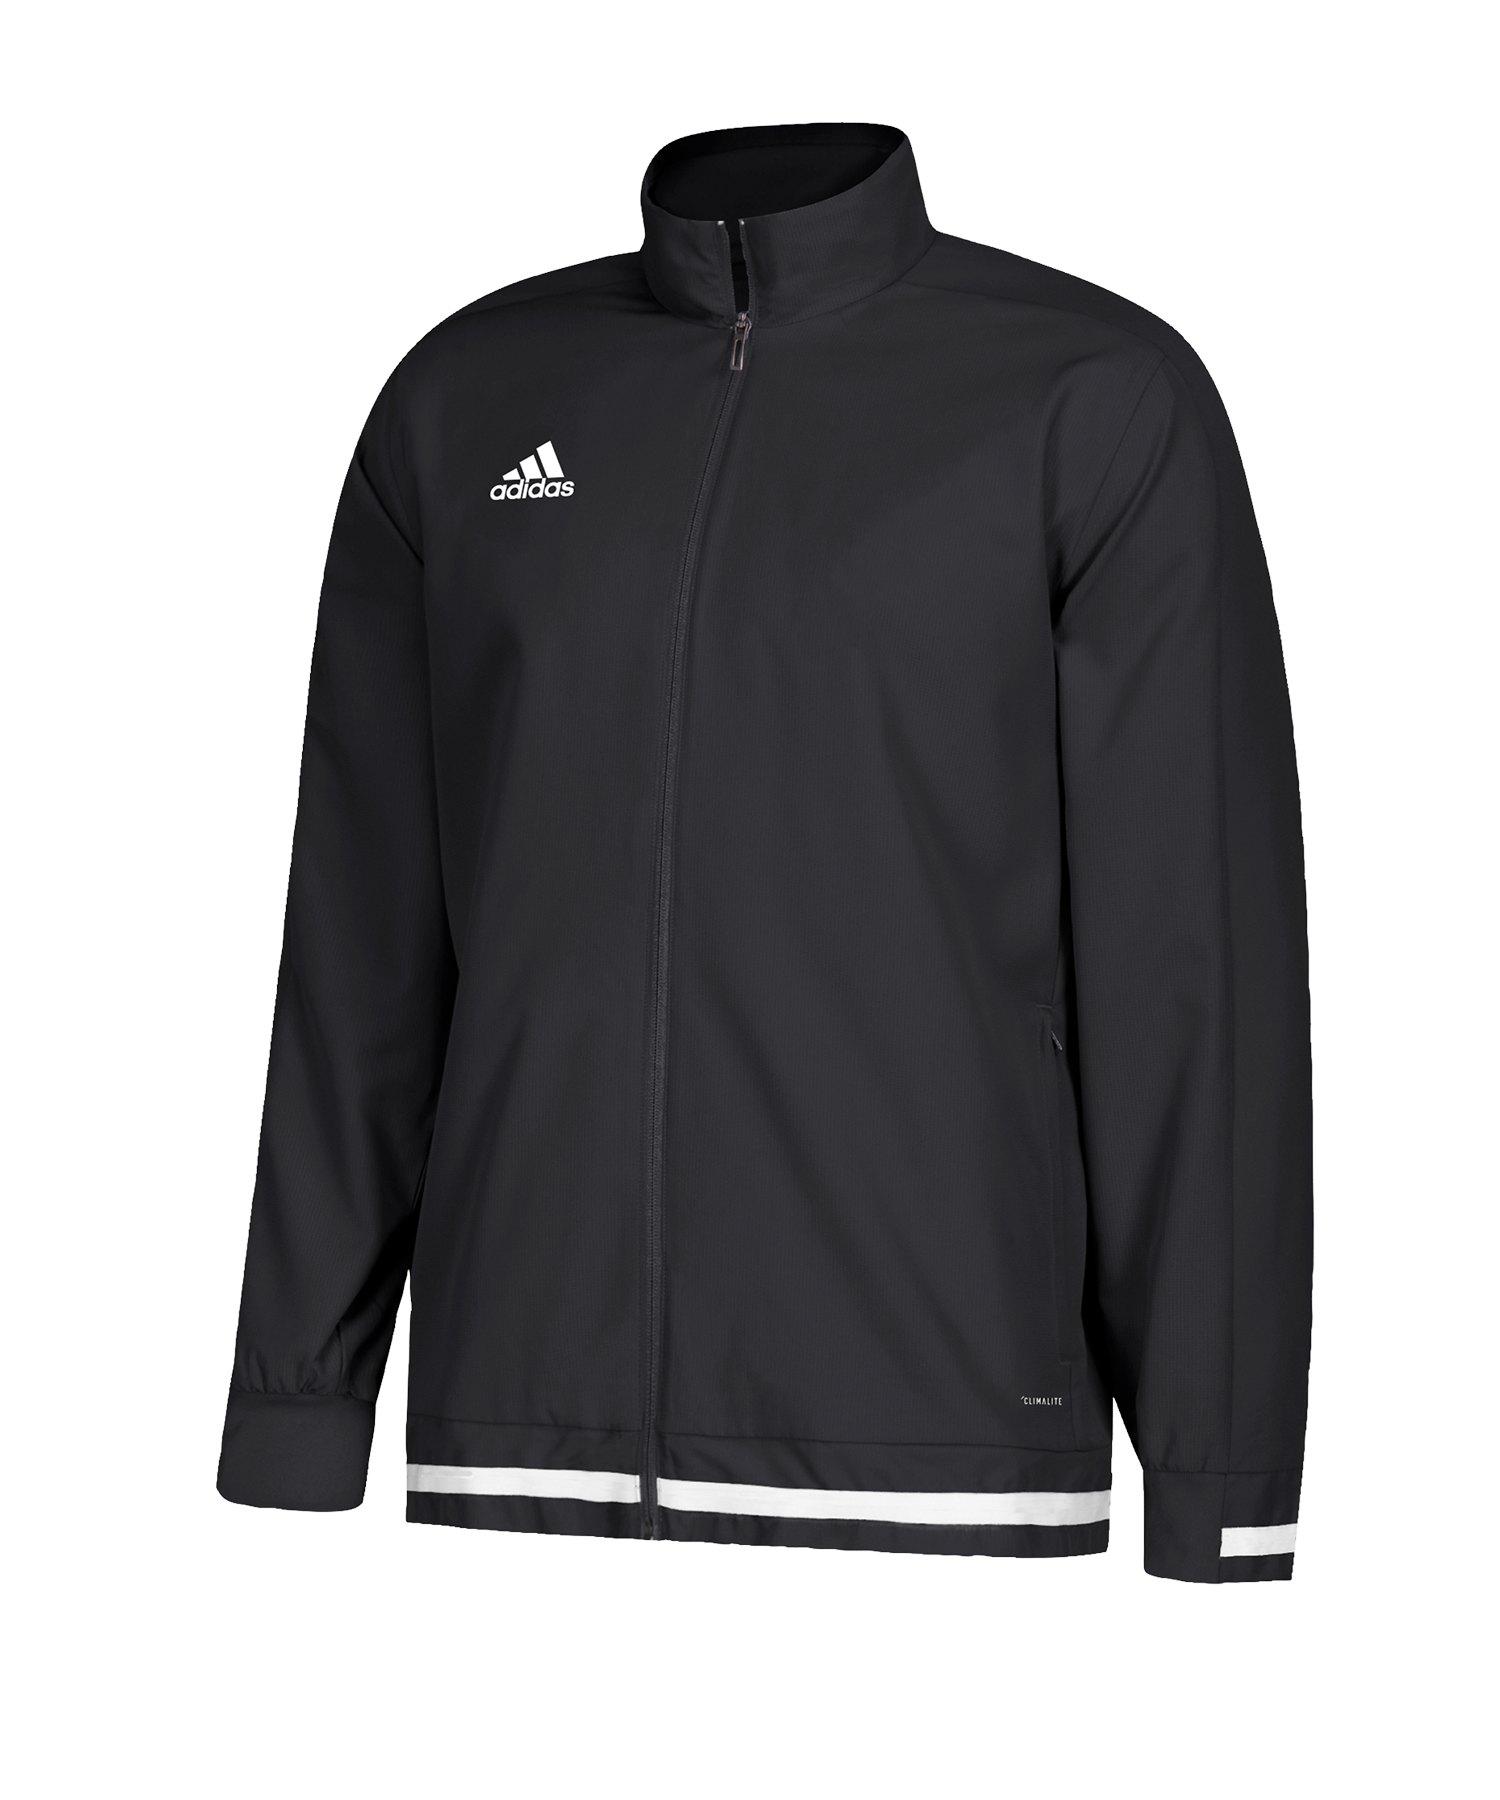 adidas Team 19 Woven Jacket Schwarz Weiss - schwarz